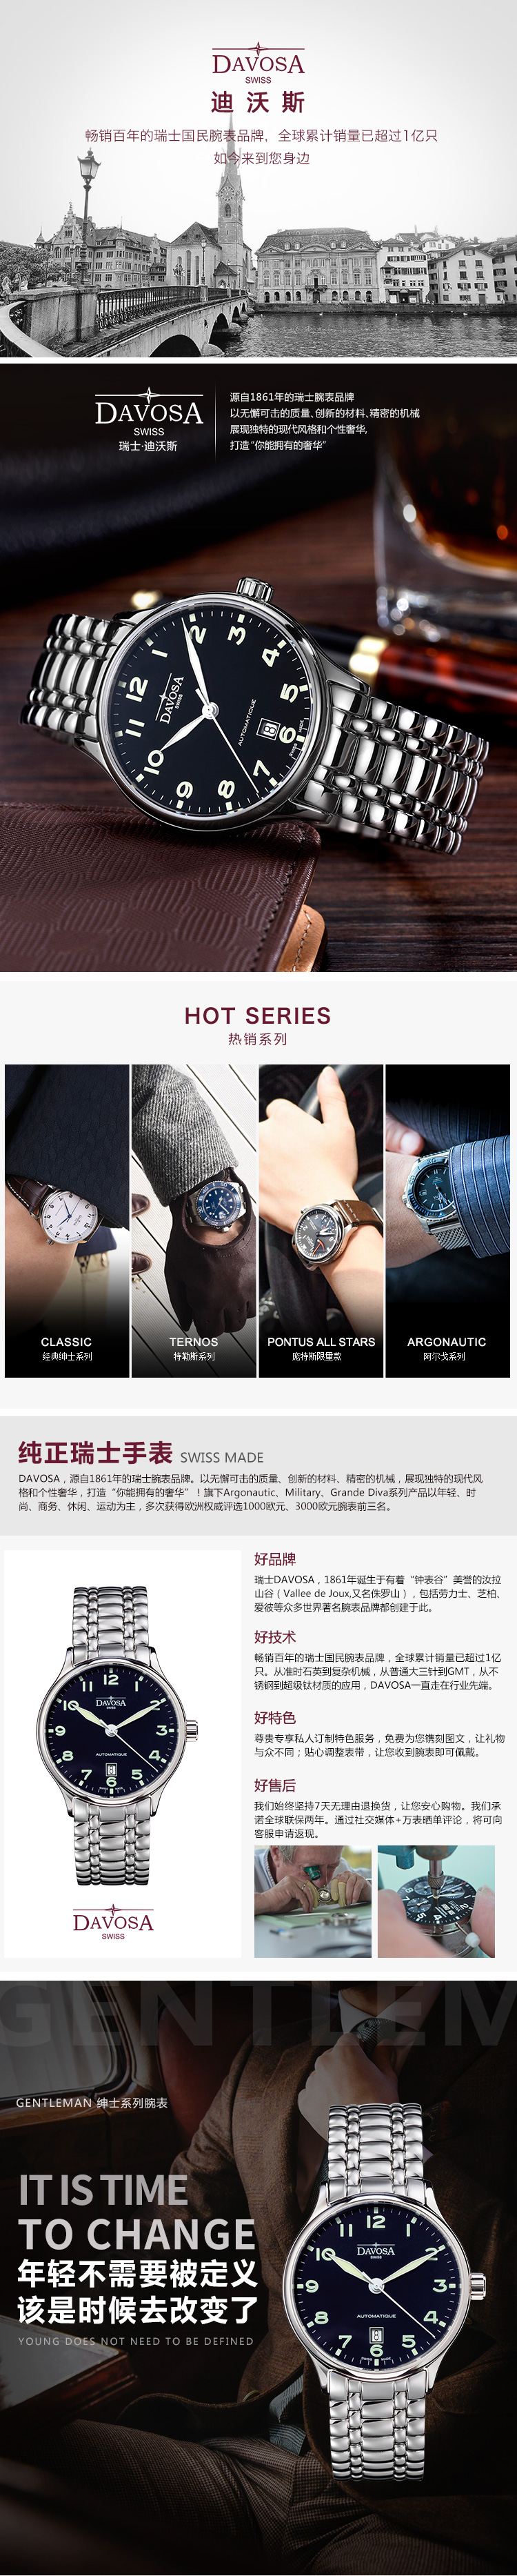 瑞士迪沃斯(DAVOSA) -Gentleman 绅士系列 Classic 经典之作 16145650 机械男表